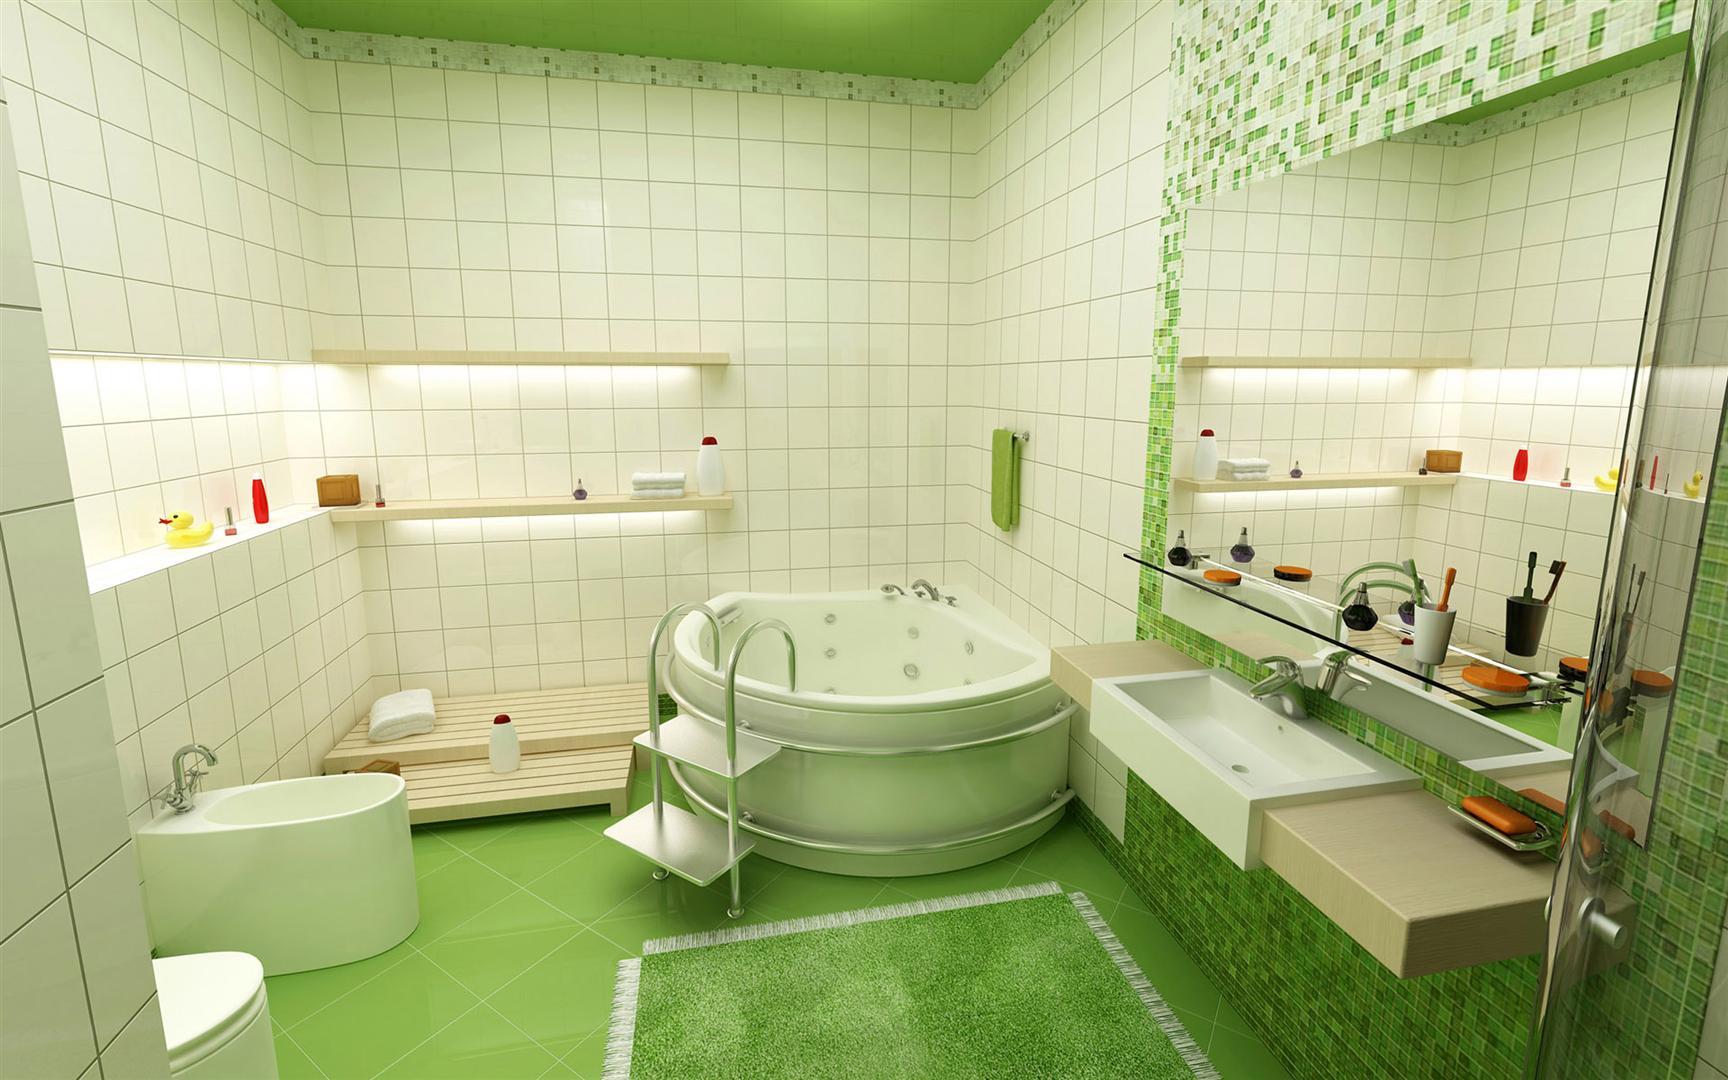 Decoração e Projetos BANHEIROS DECORADOS COM PASTILHAS VERDES -> Banheiros Decorados Incepa